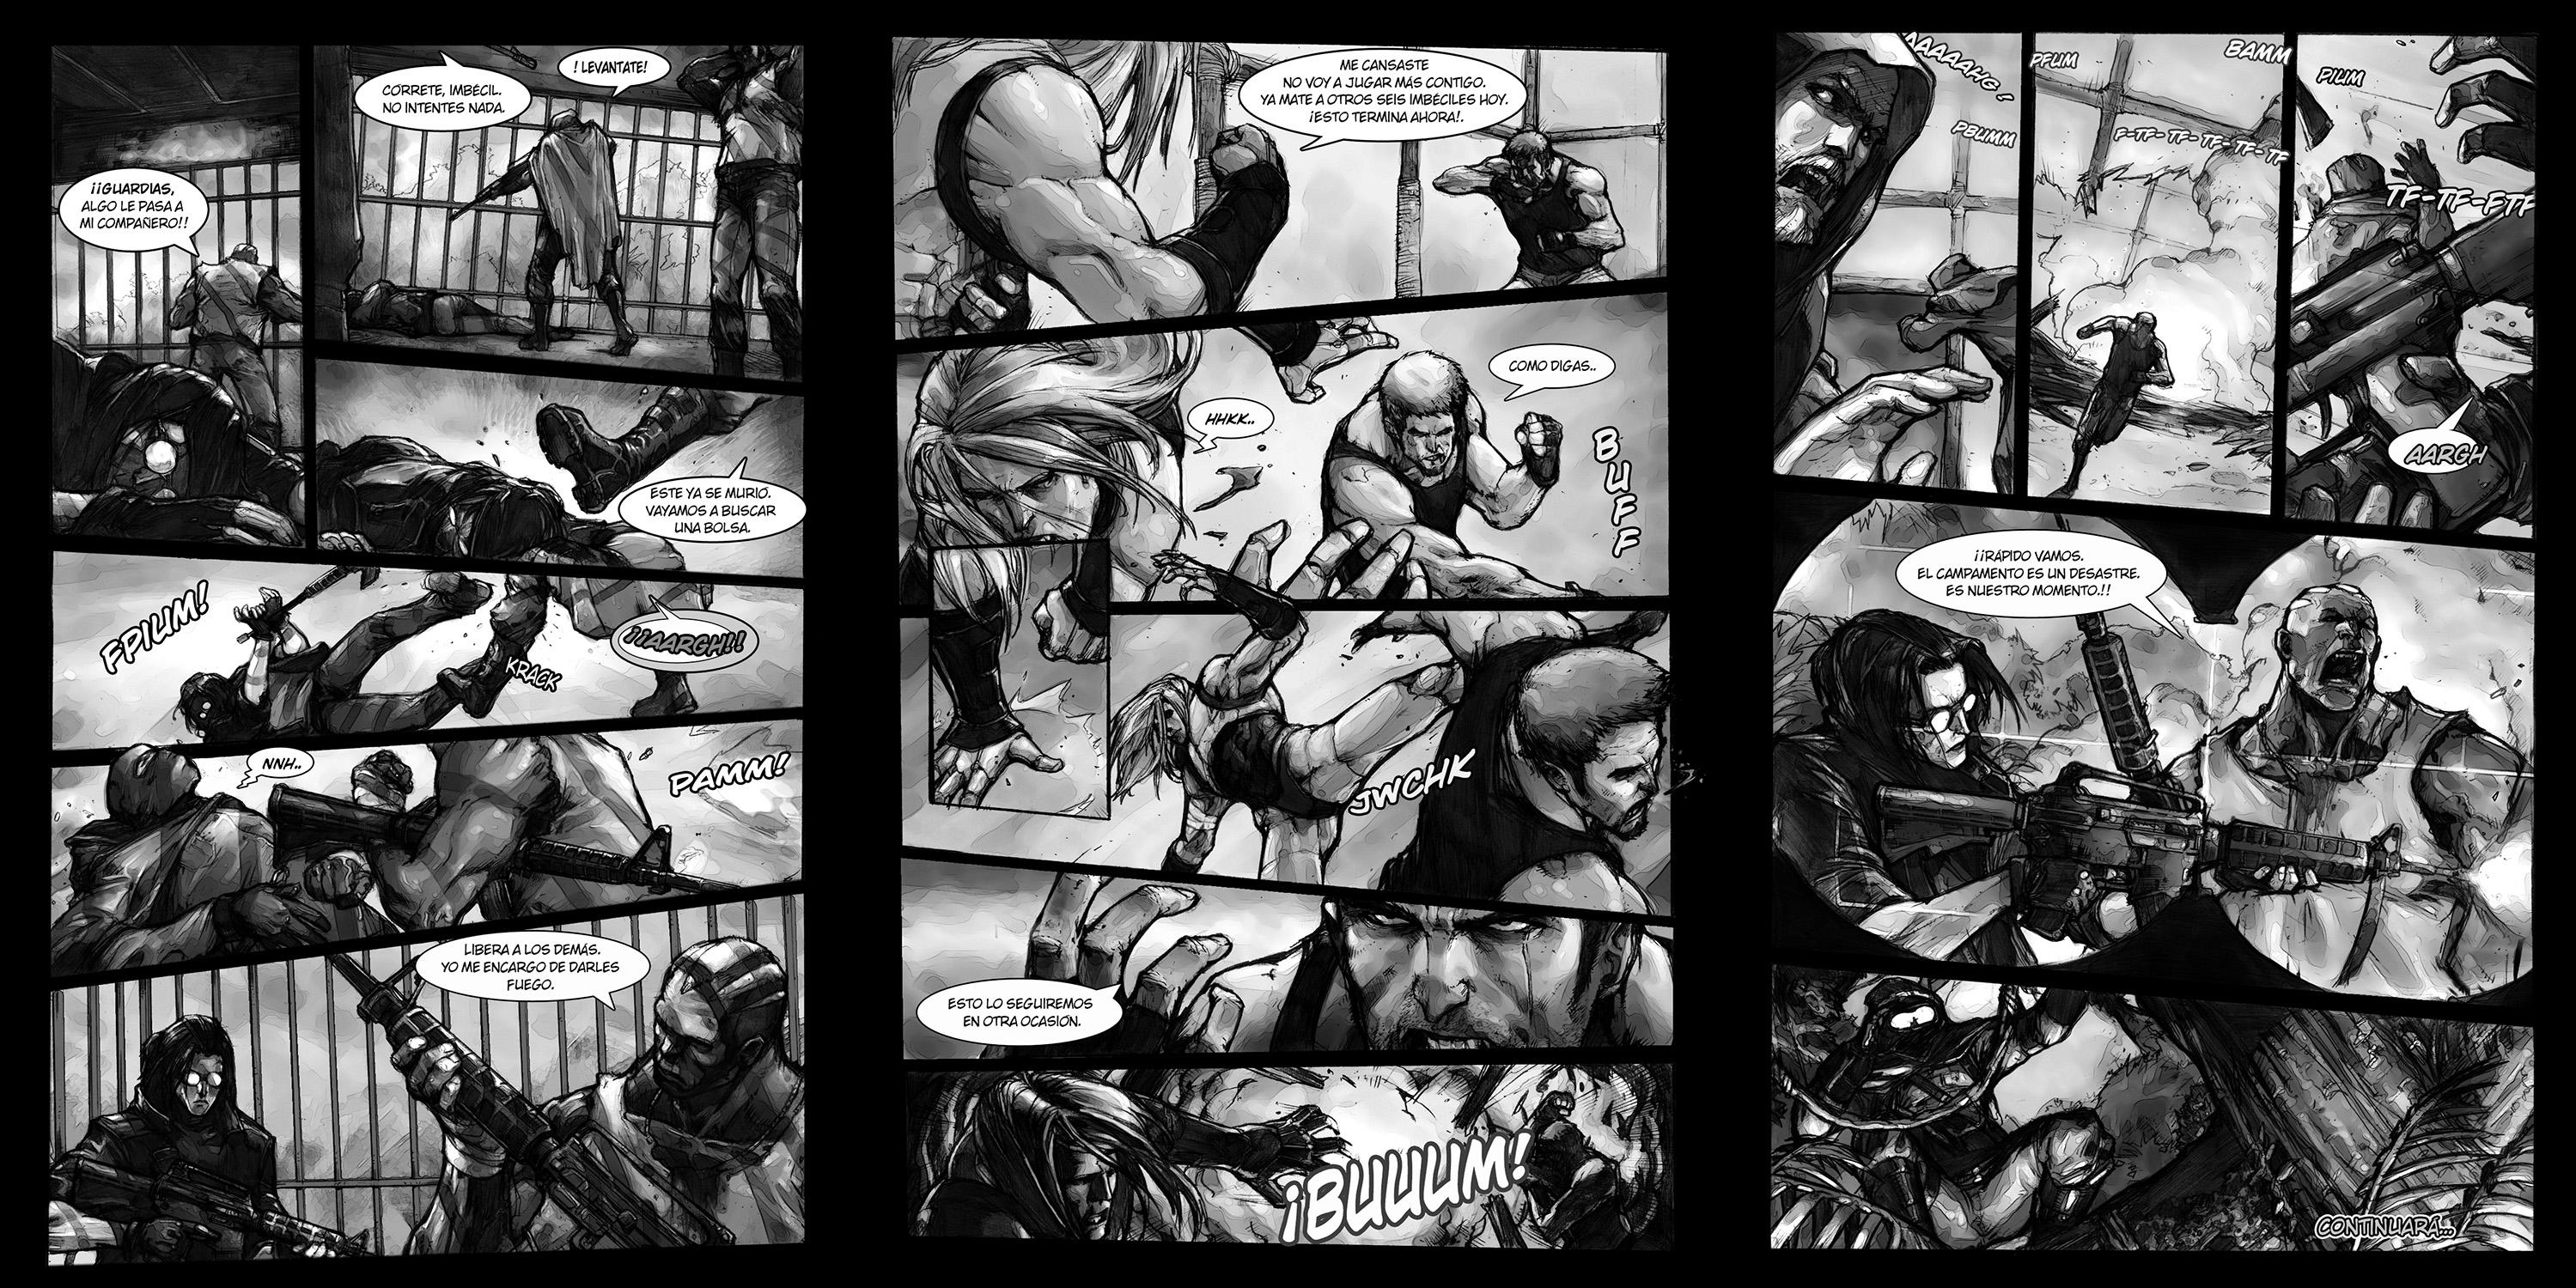 Entrevistas | Zinerama | Página 2